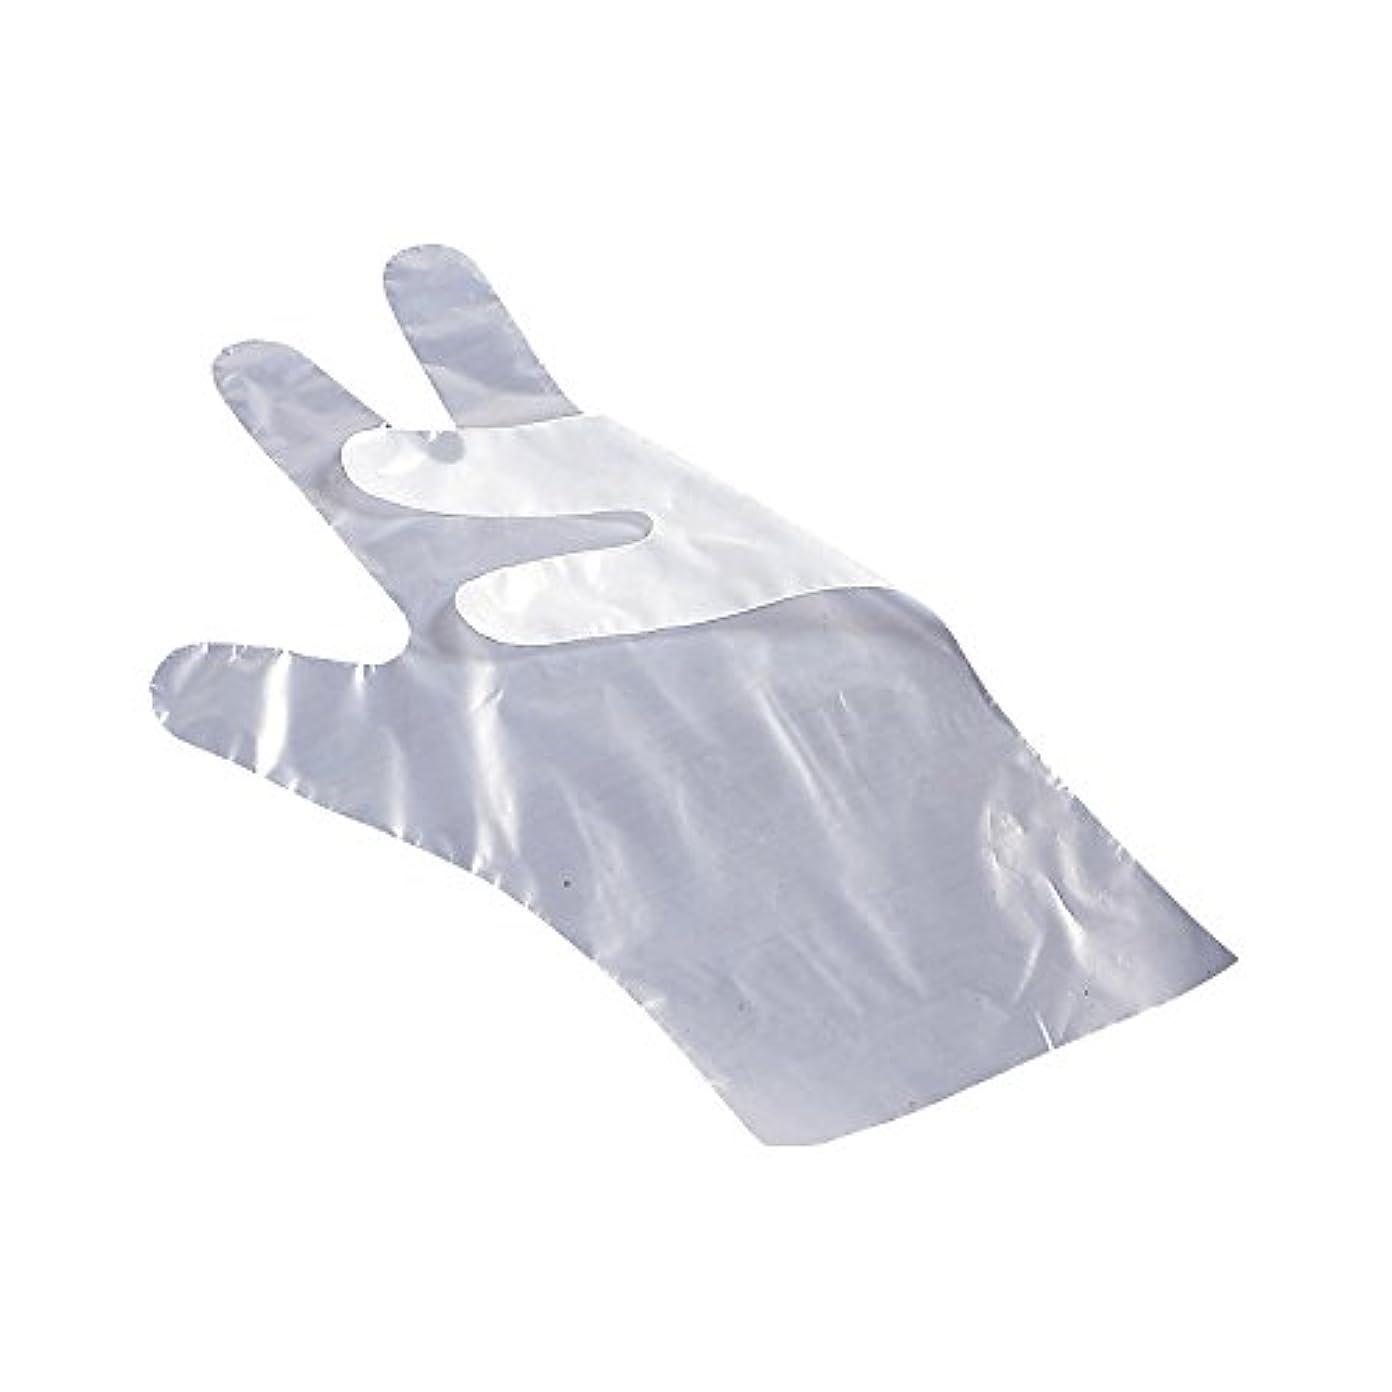 ウガンダアセボーナスサクラメンエンボス手袋 デラックス 白 S 100枚入